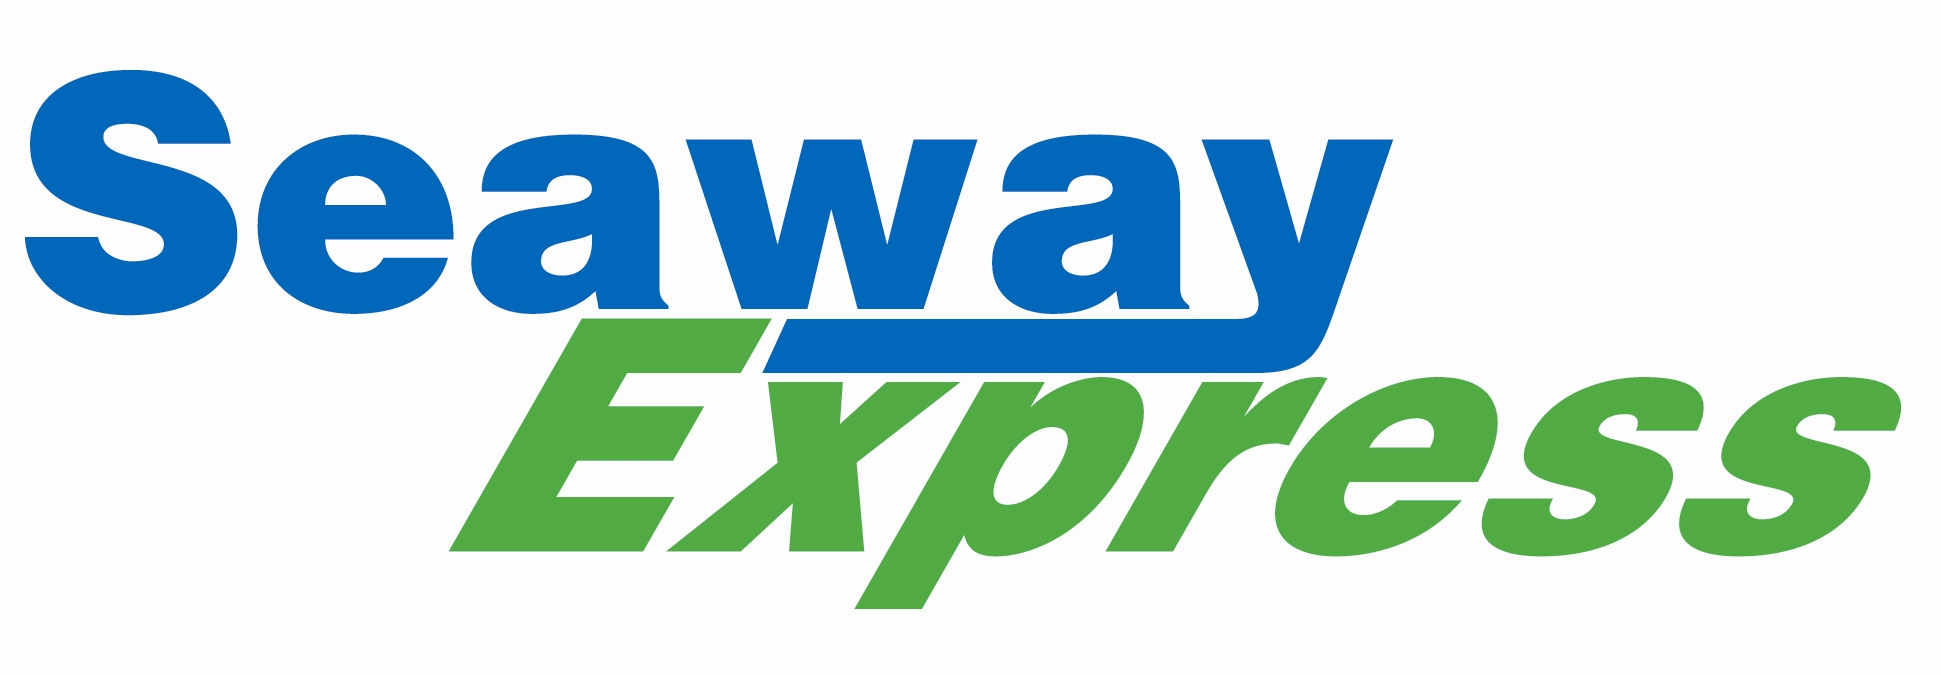 Seaway Express